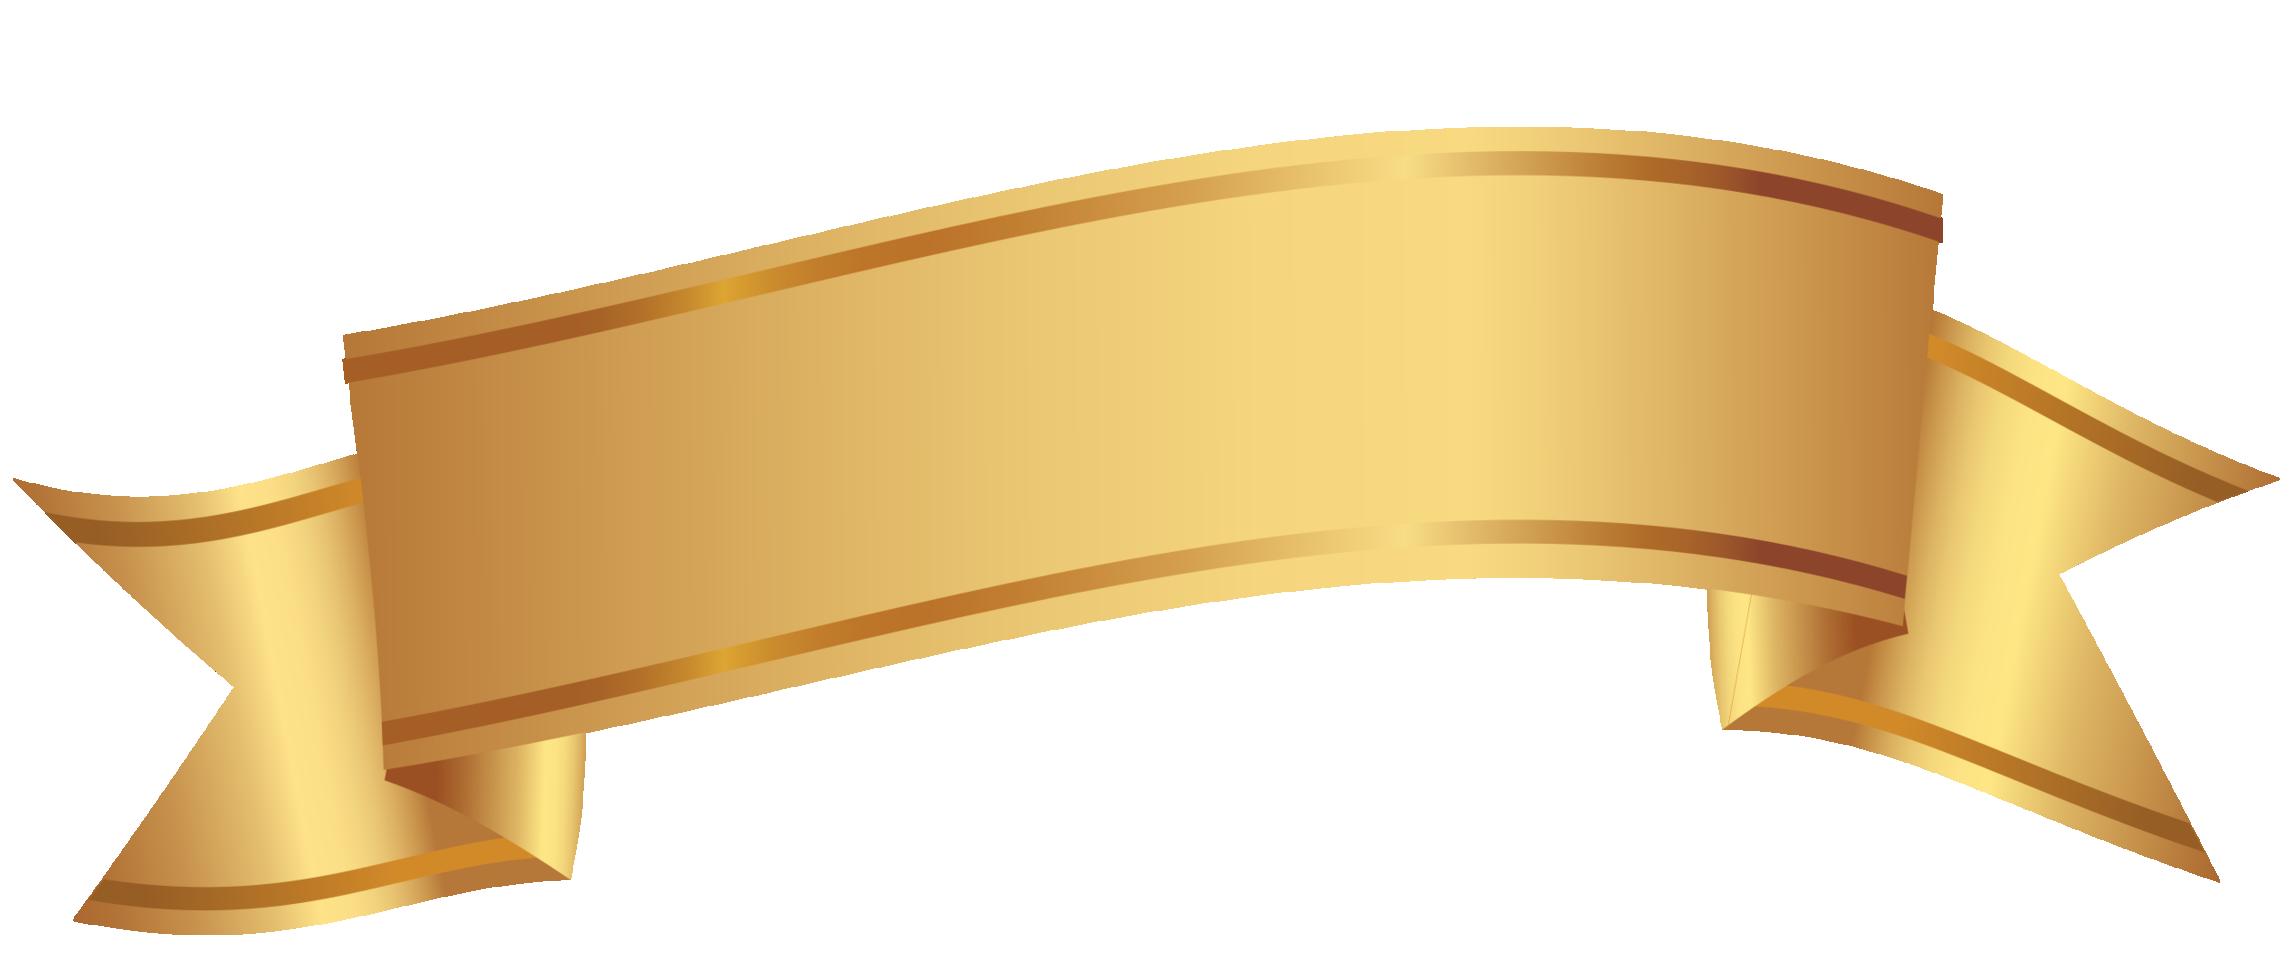 banner decorativo dourado png